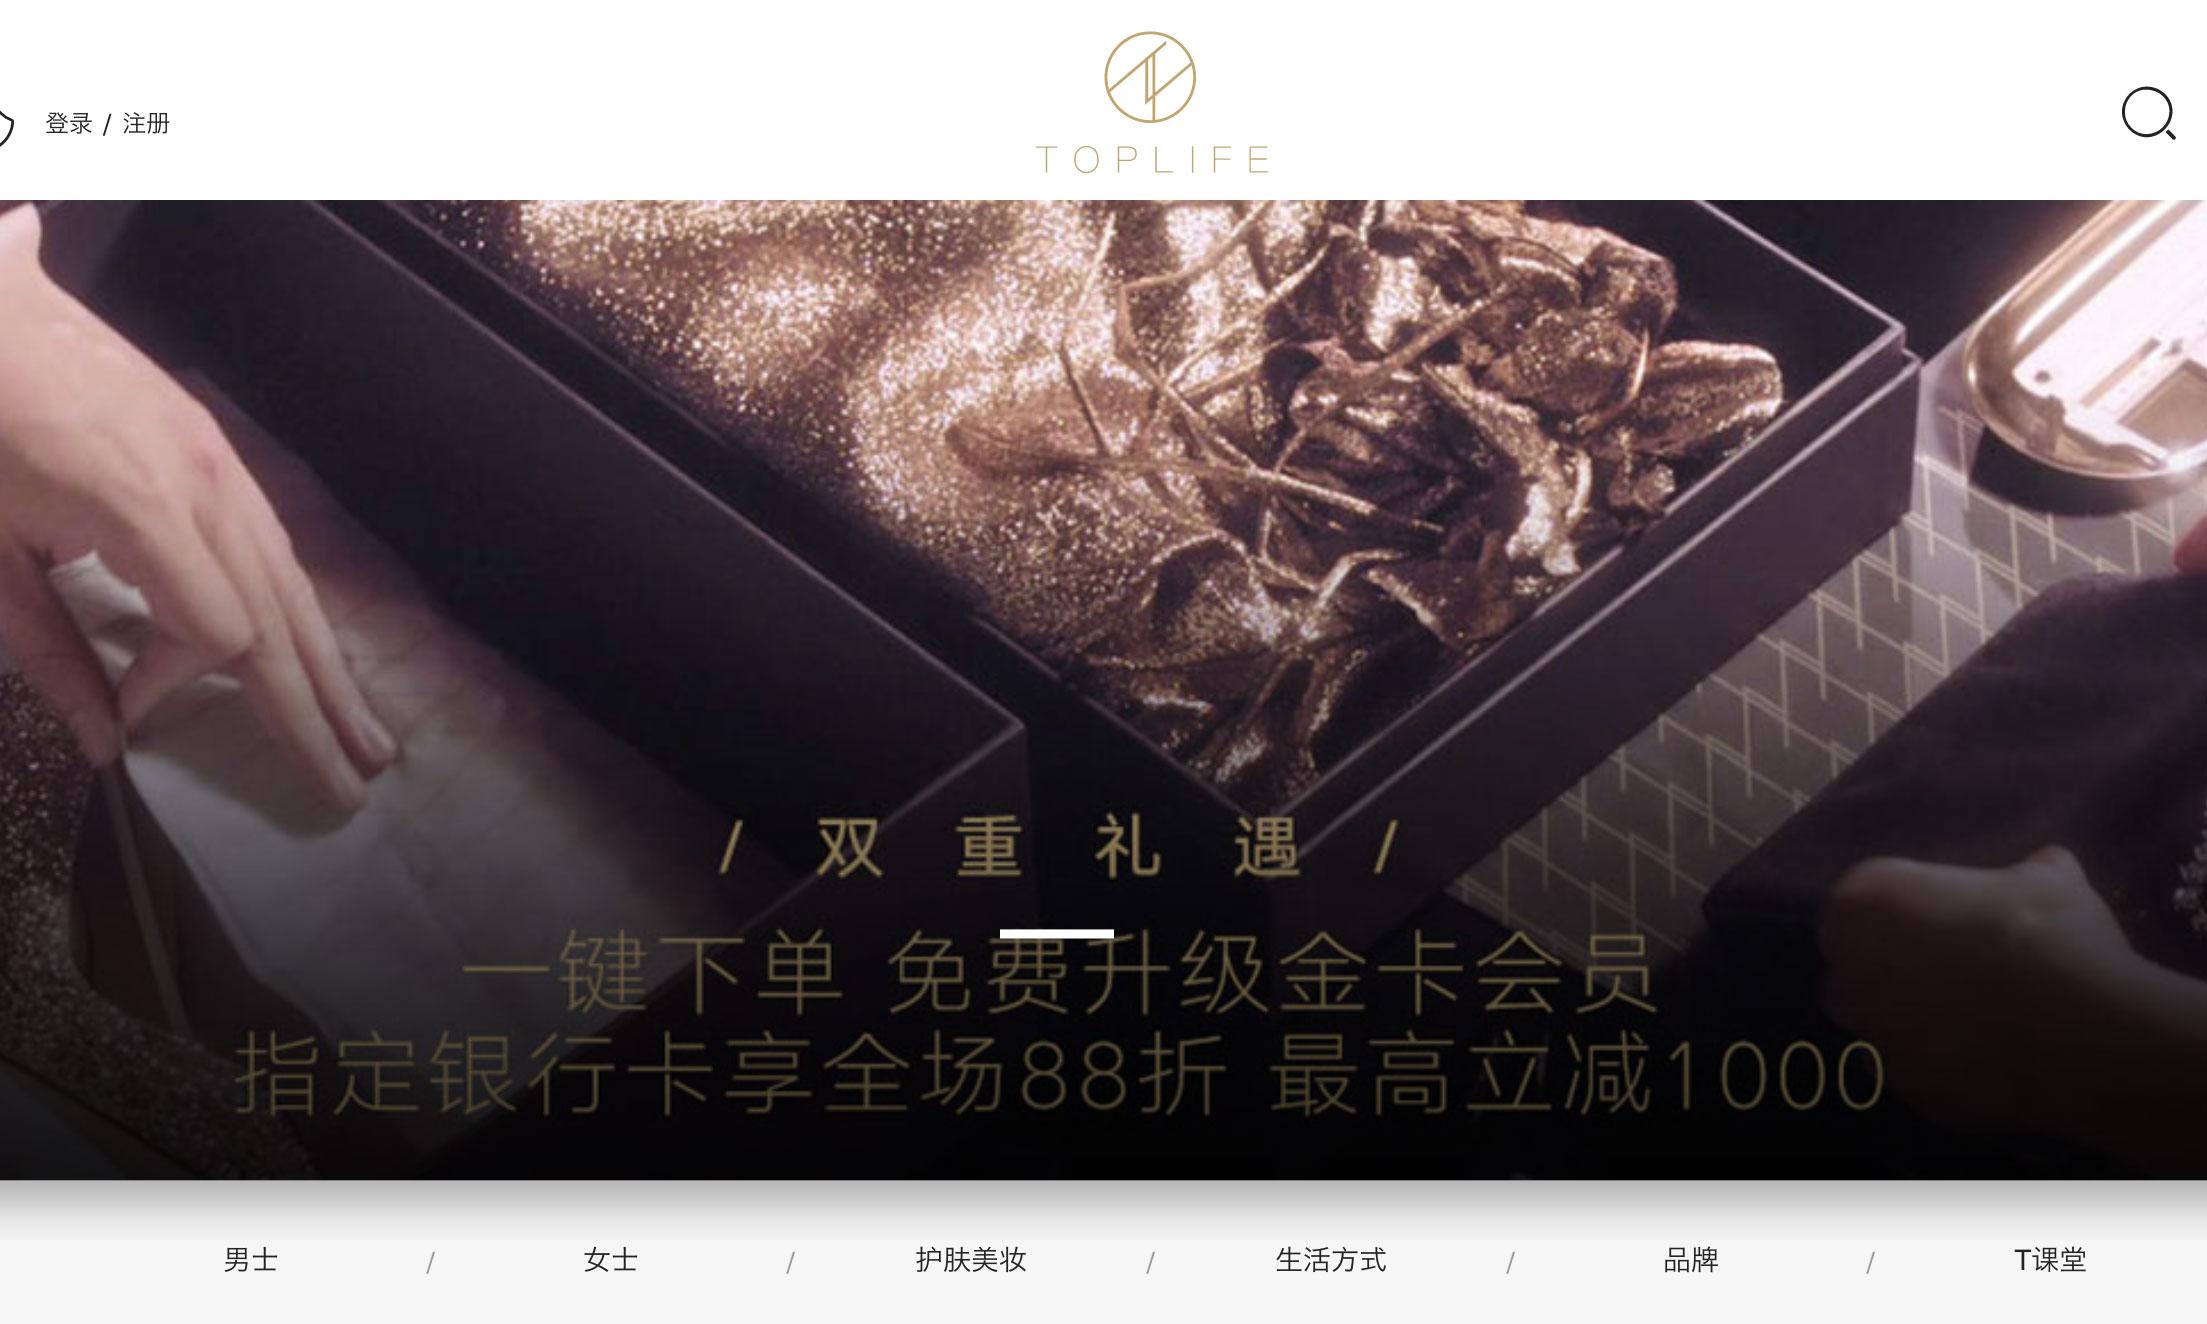 京东要通过 TOPLIFE 打造奢侈时尚生态链